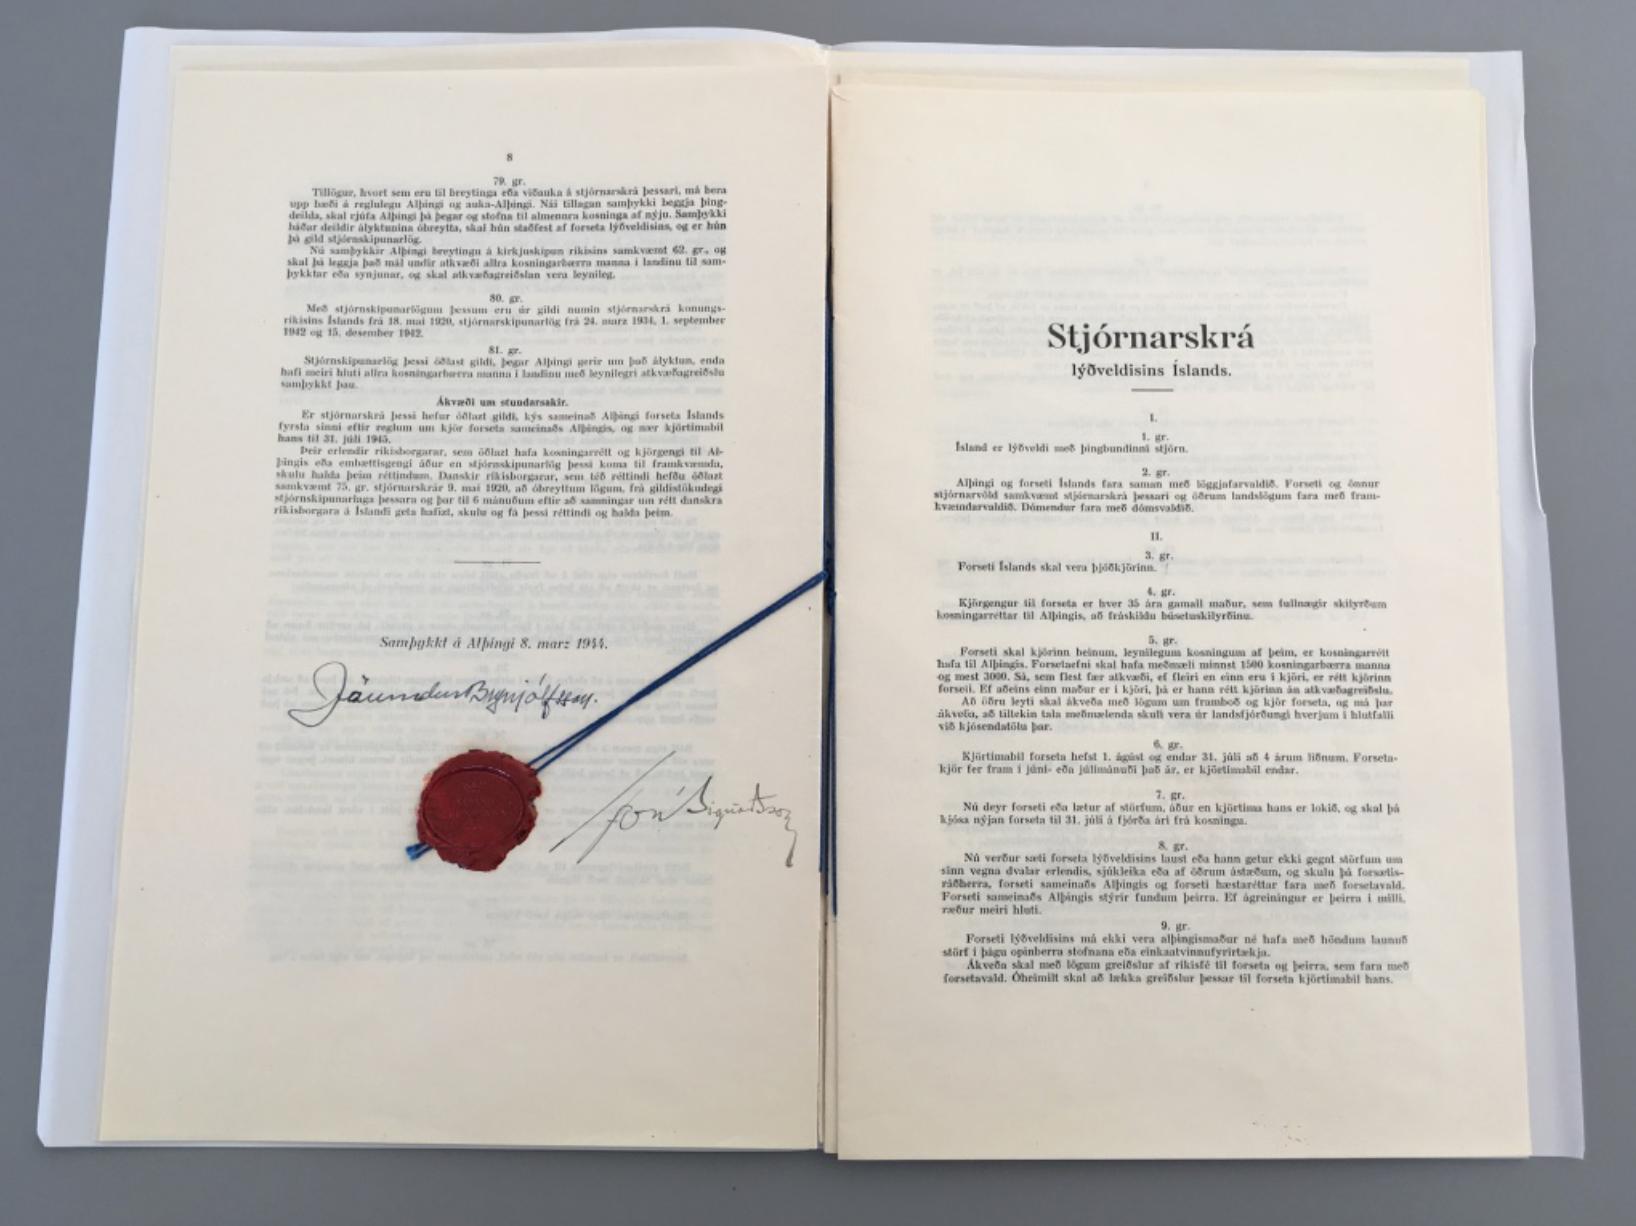 5 íslenskar stjórnarskrár sýndar almenningi | 5 Icelandic constitutions on public display